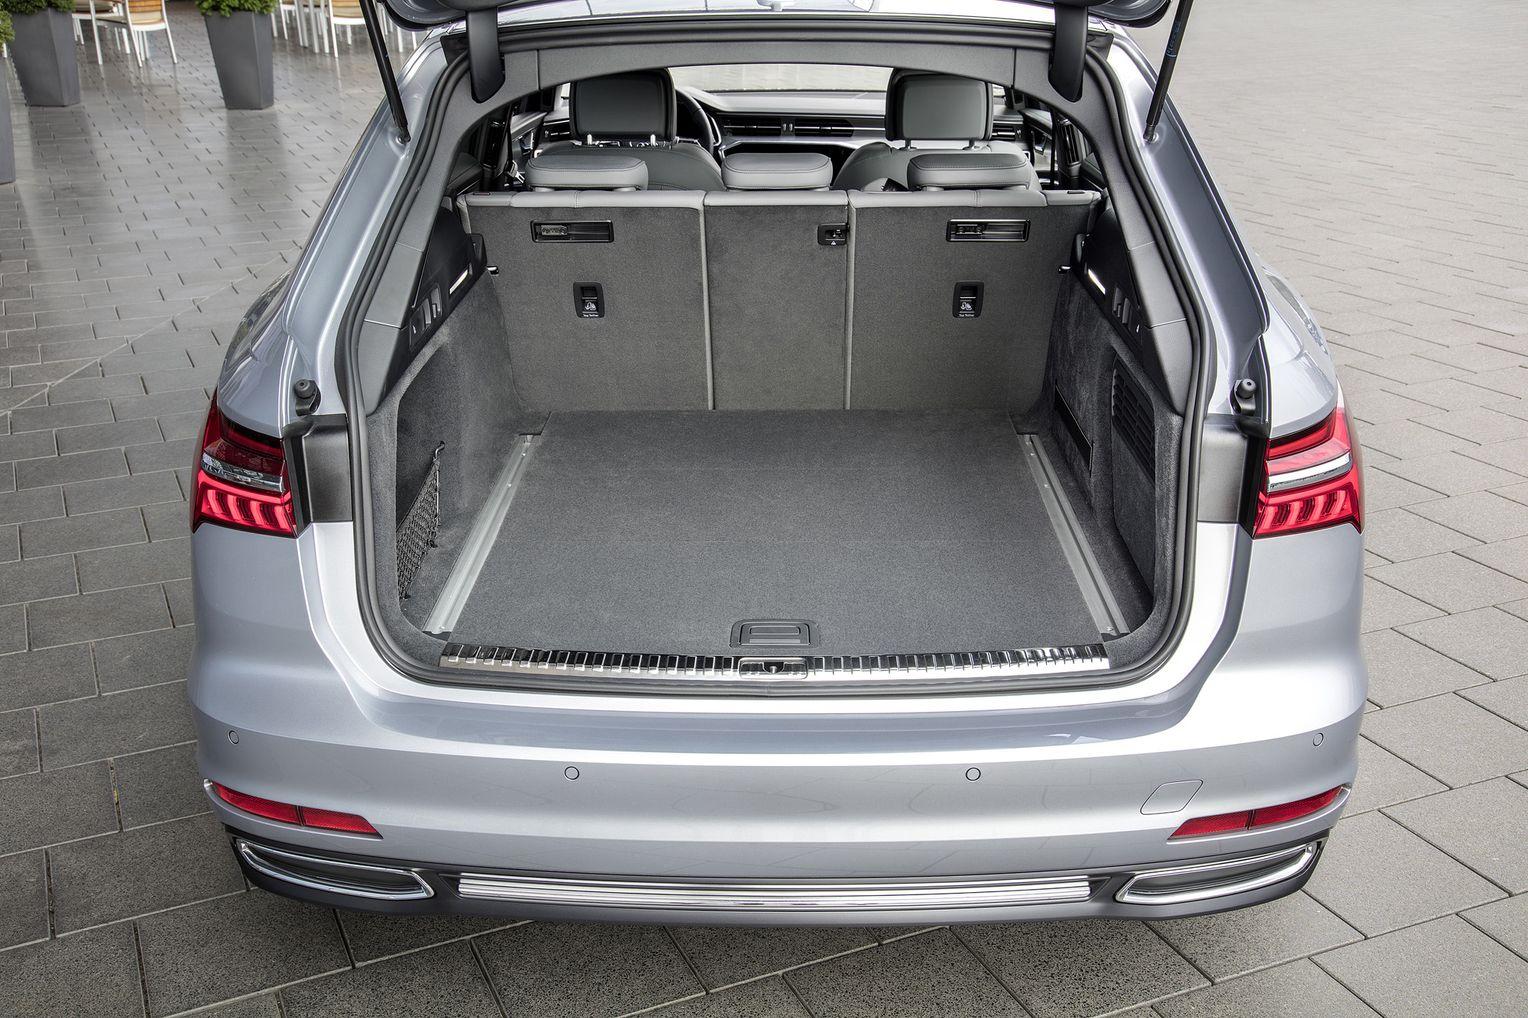 Audi A6 Avant Im Test Das Neue Kombimodell Der A6 Baureihe Der Spiegel